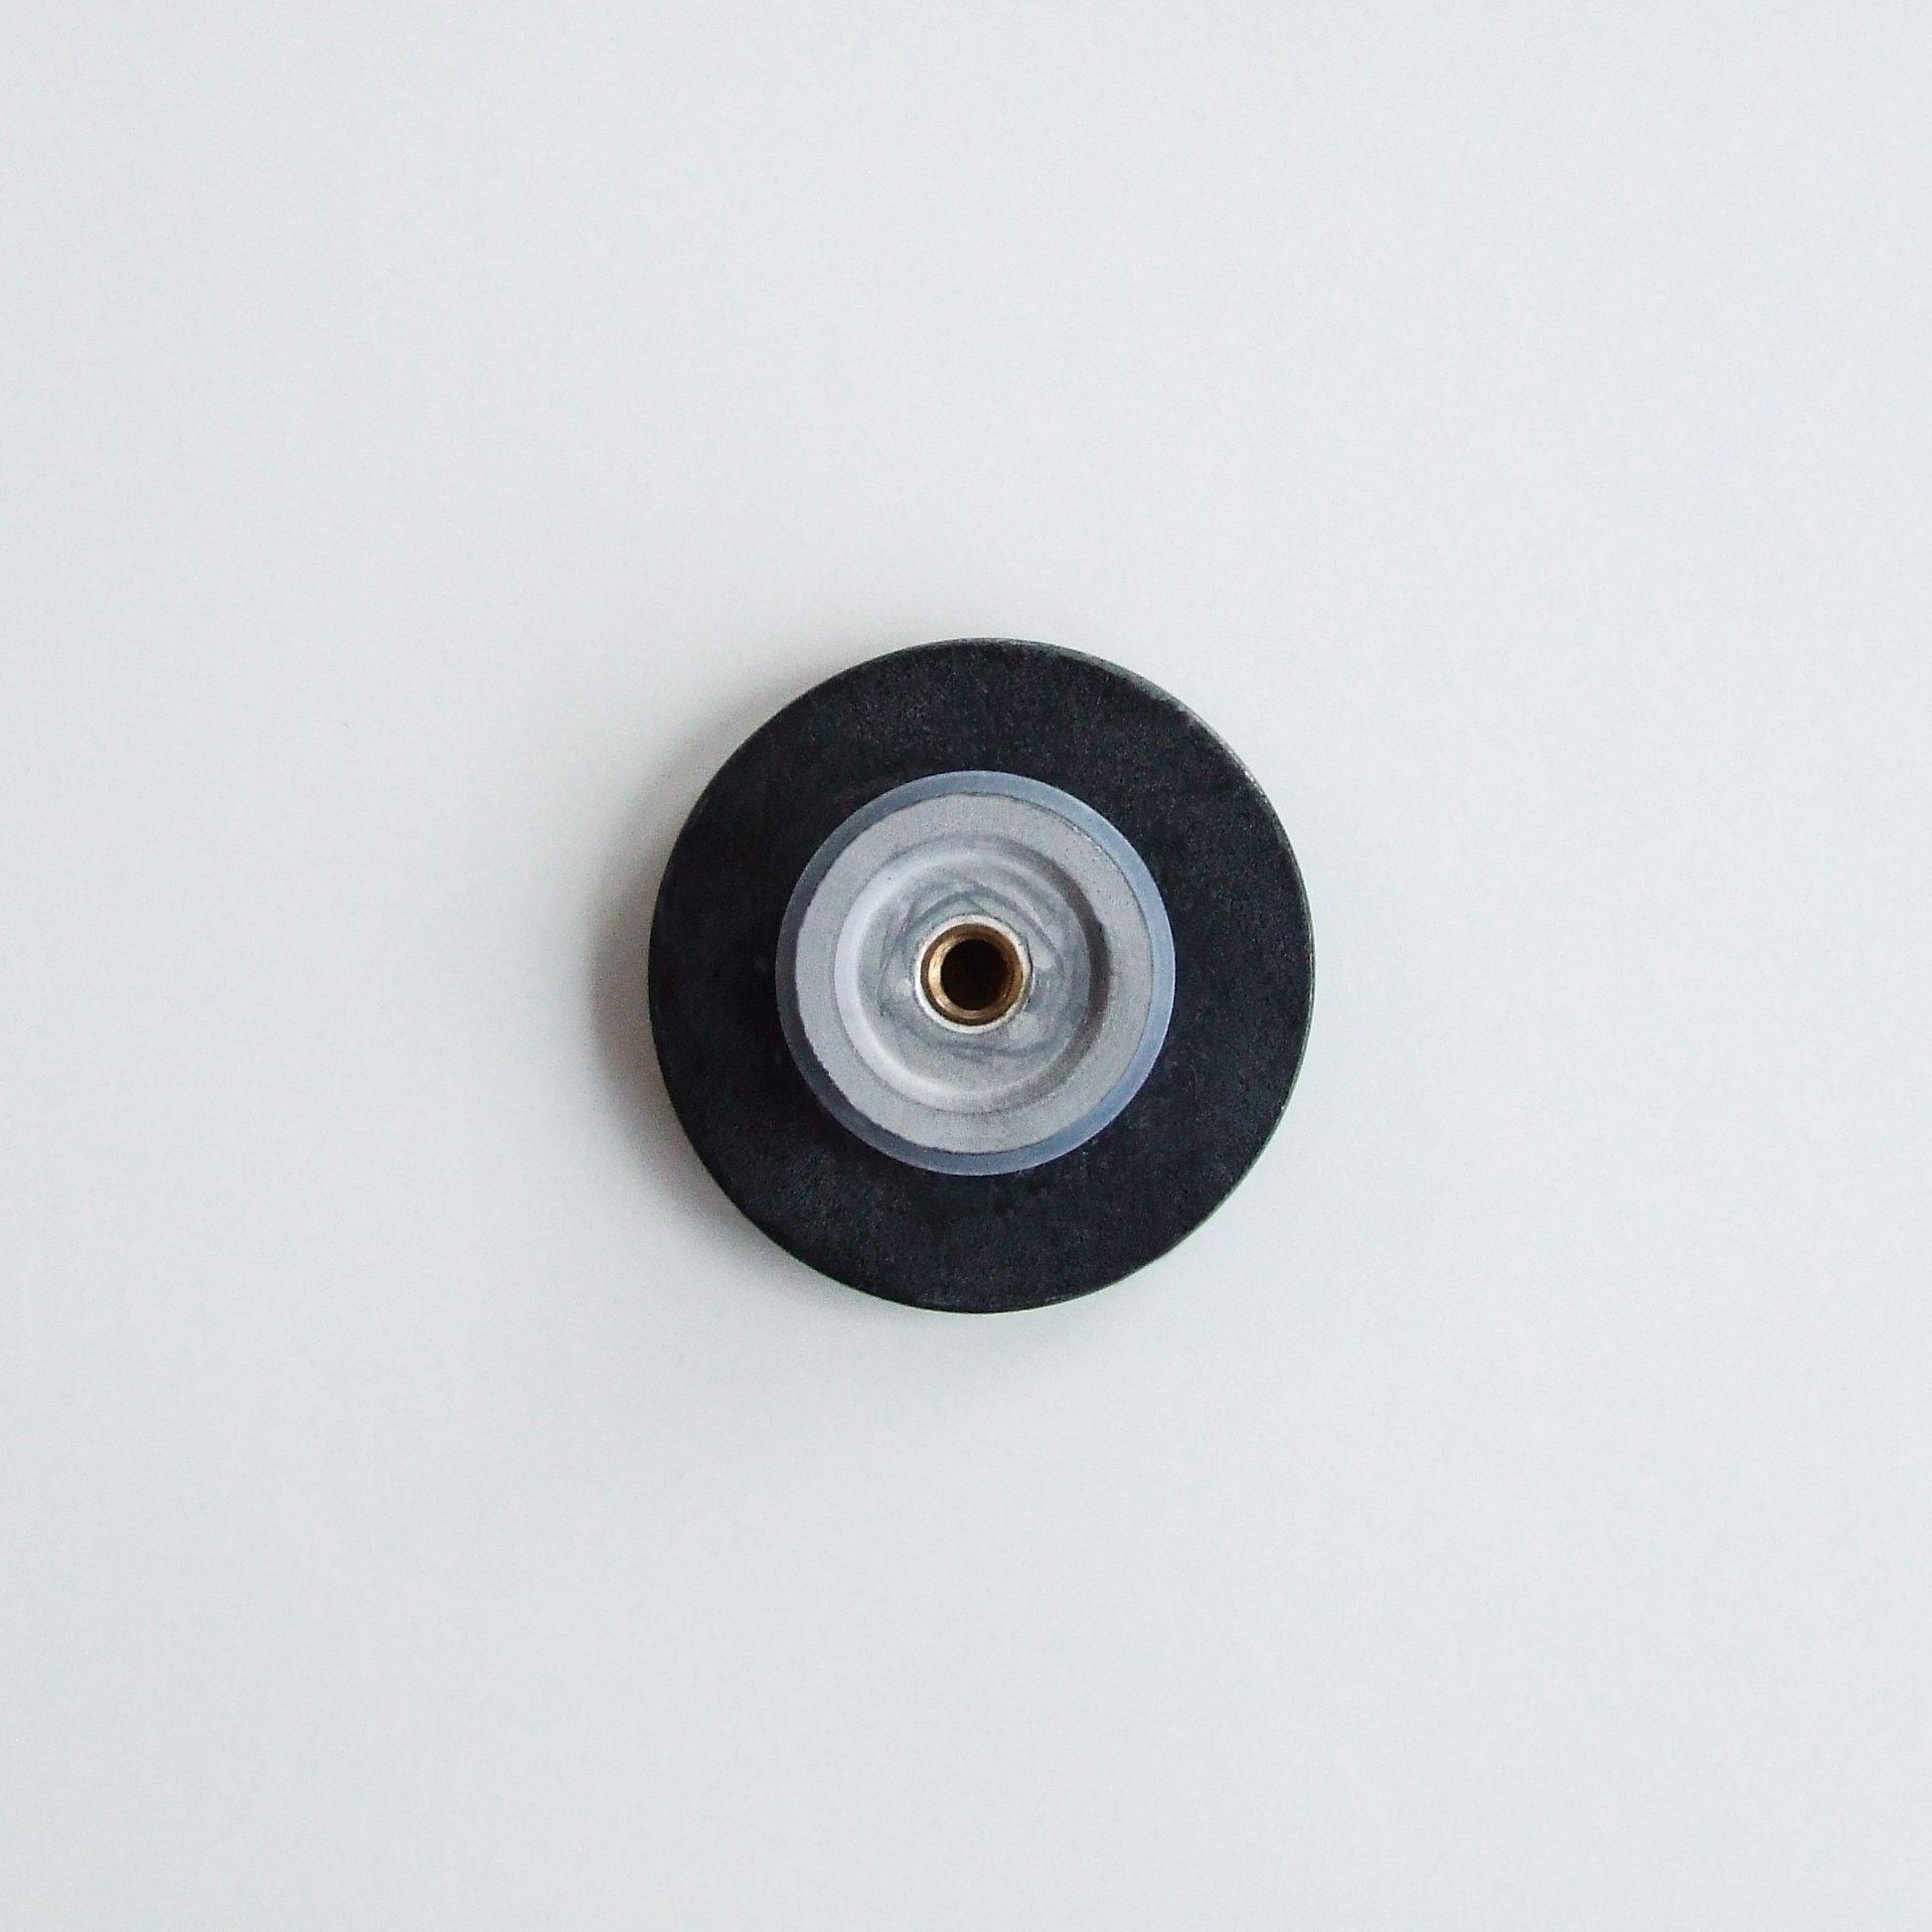 Waschbecken Pop-up Blende aus Mineralguss für Ablaufgarnitur - Farbe Schwarz Glänzend zoom thumbnail 3